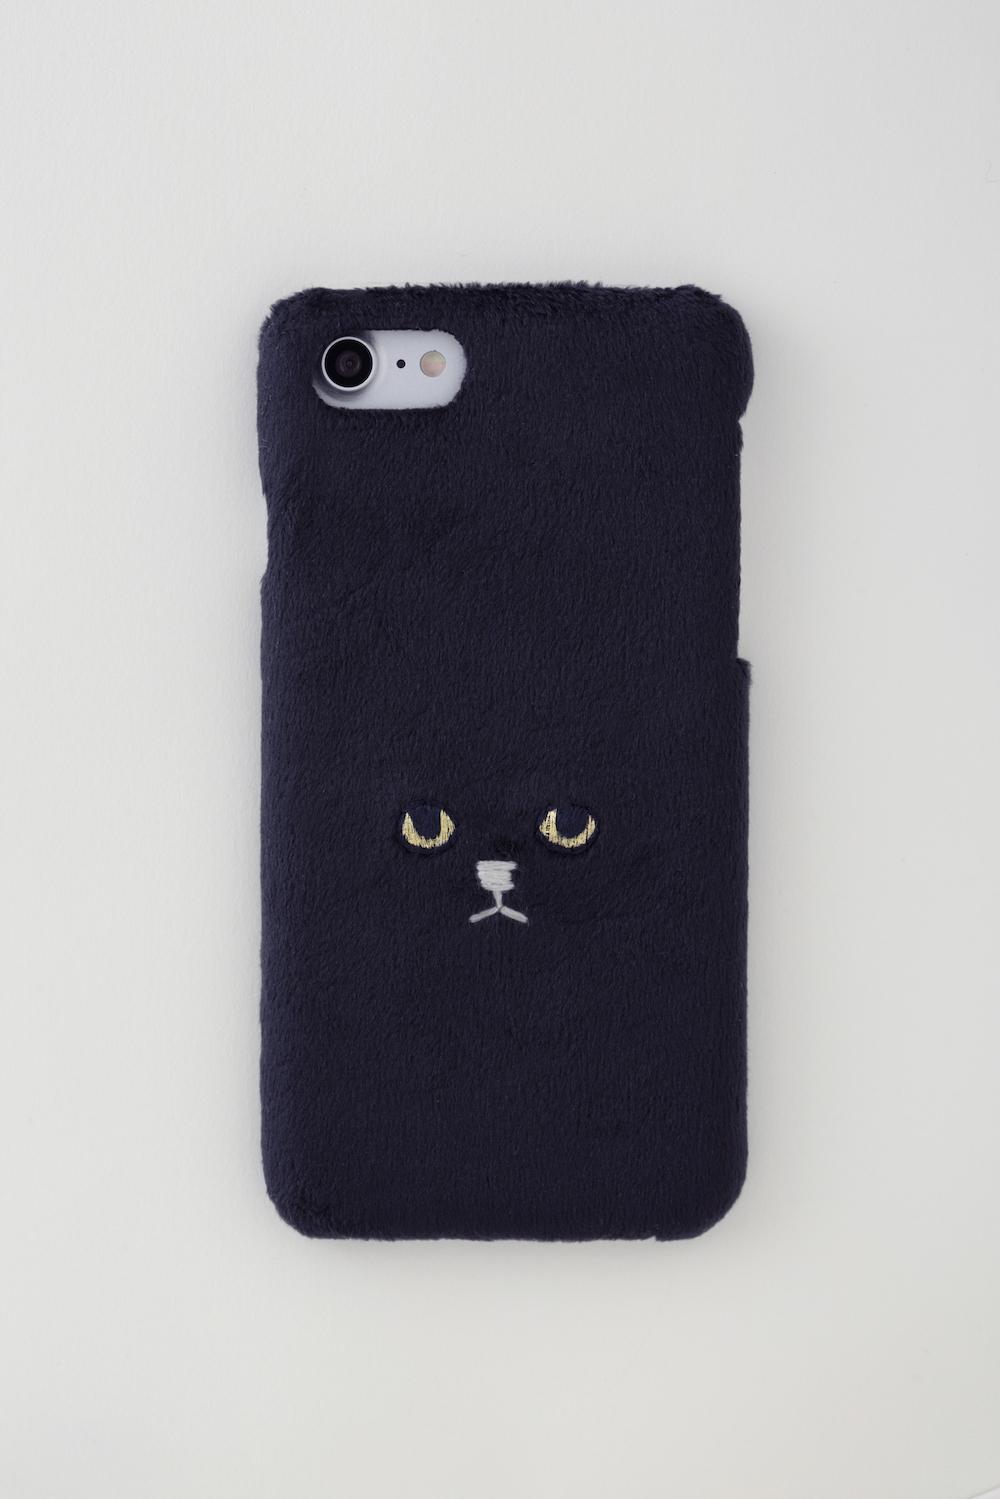 【新生地】ネコiPhone7ケース【ブラック】